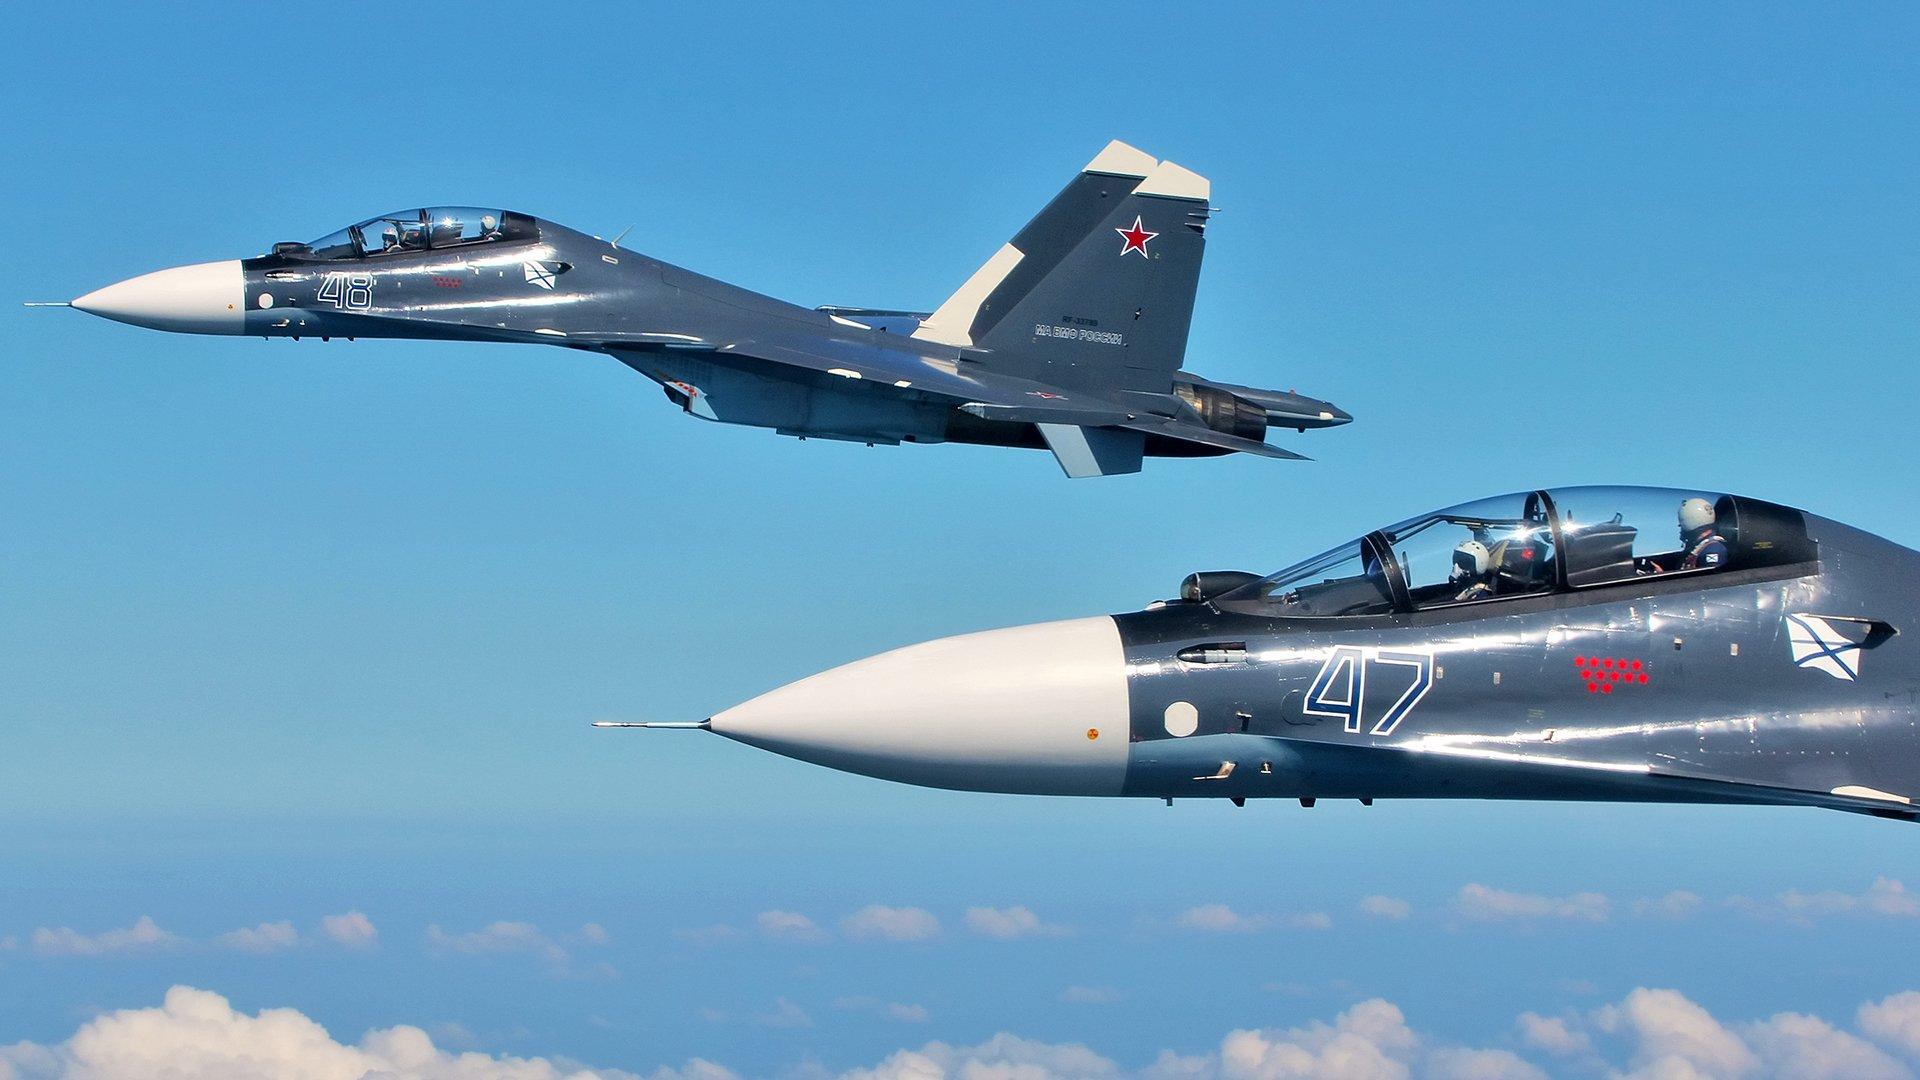 Обои российский, многоцелевой, двухместный, Су-30см. Авиация foto 15